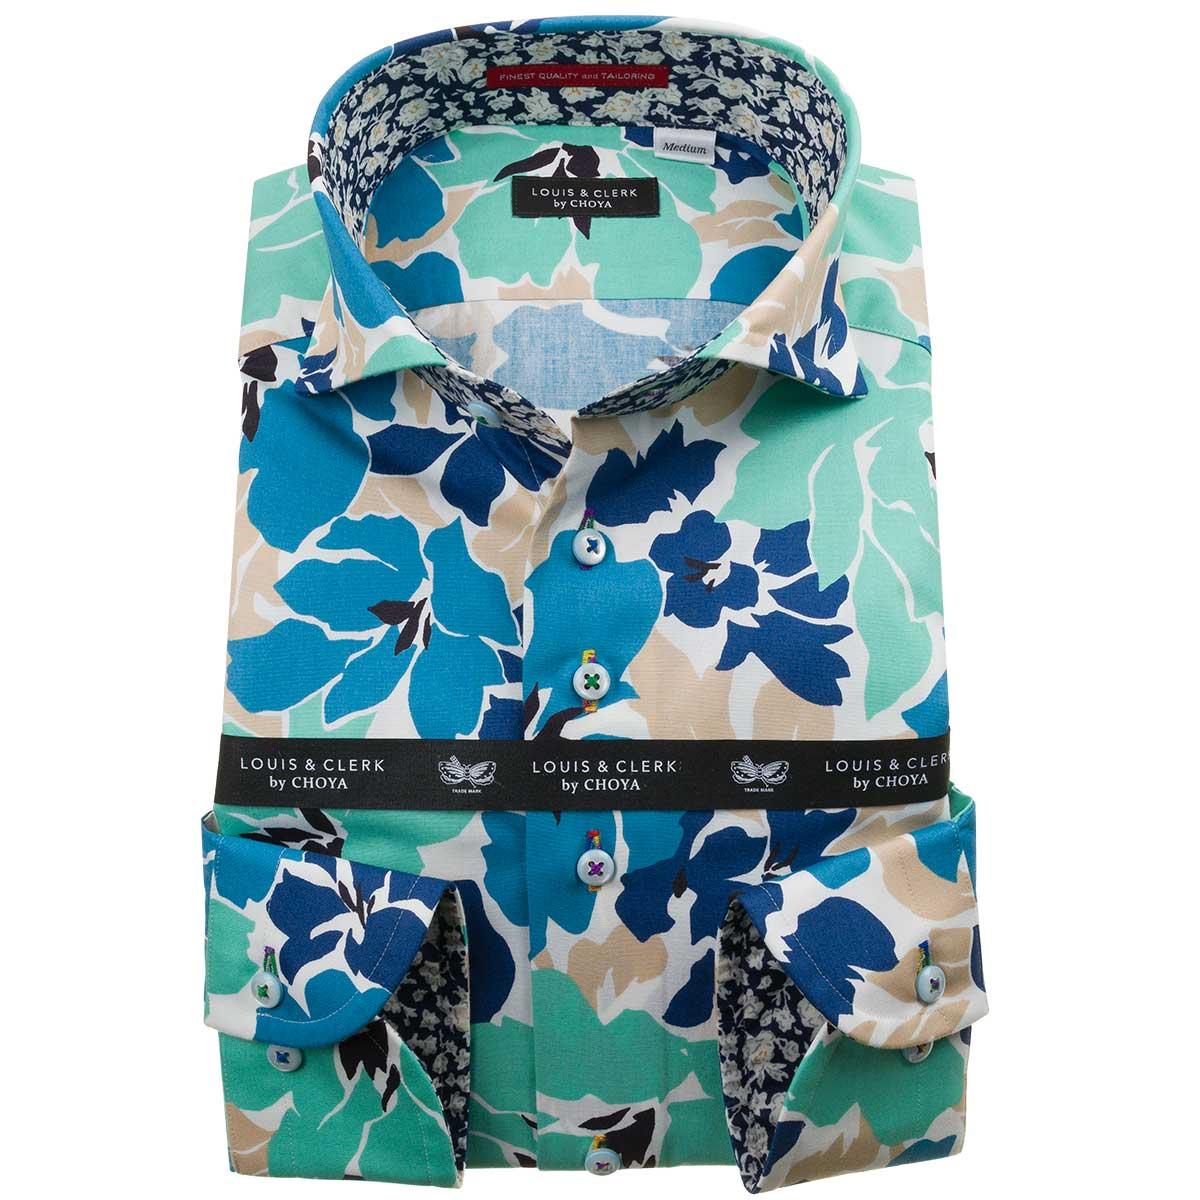 ドレスシャツ ワイシャツ シャツ メンズ 国産 長袖 綿100% コンフォート カッタウェイワイド デザインハイビスカスプリント エメラルドグリーン ブルー ベージュ 1912